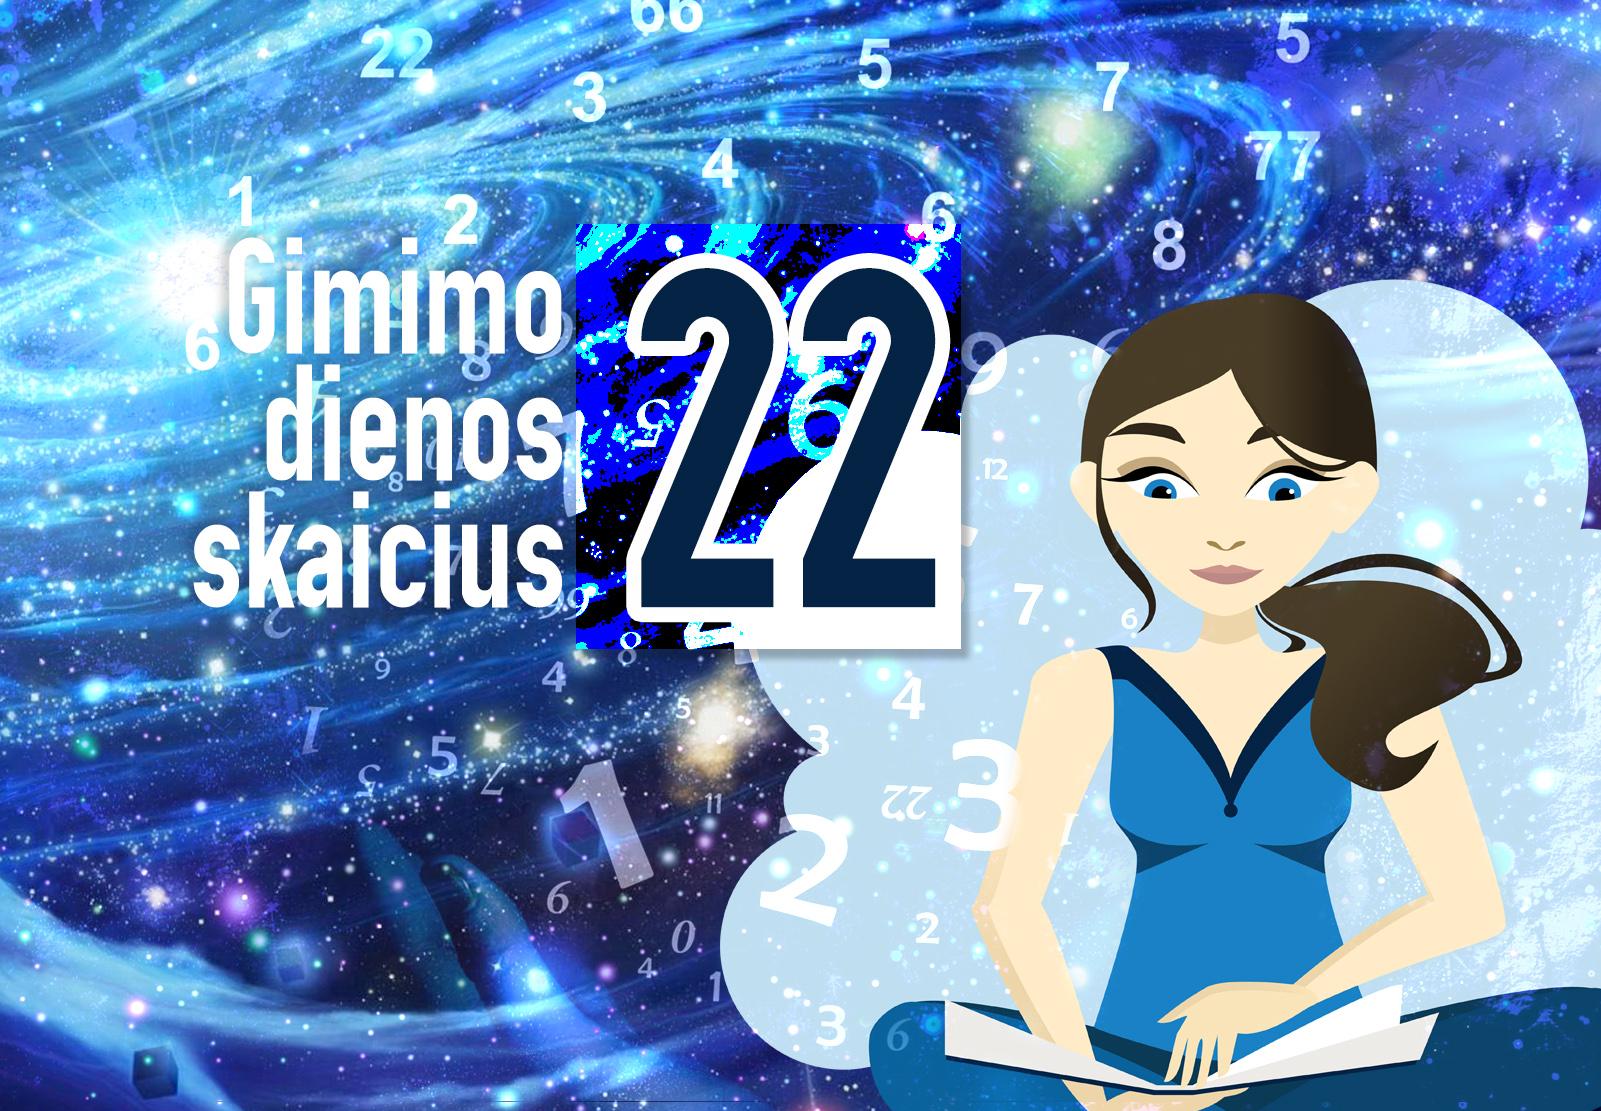 gimimo dienos skaičius 22